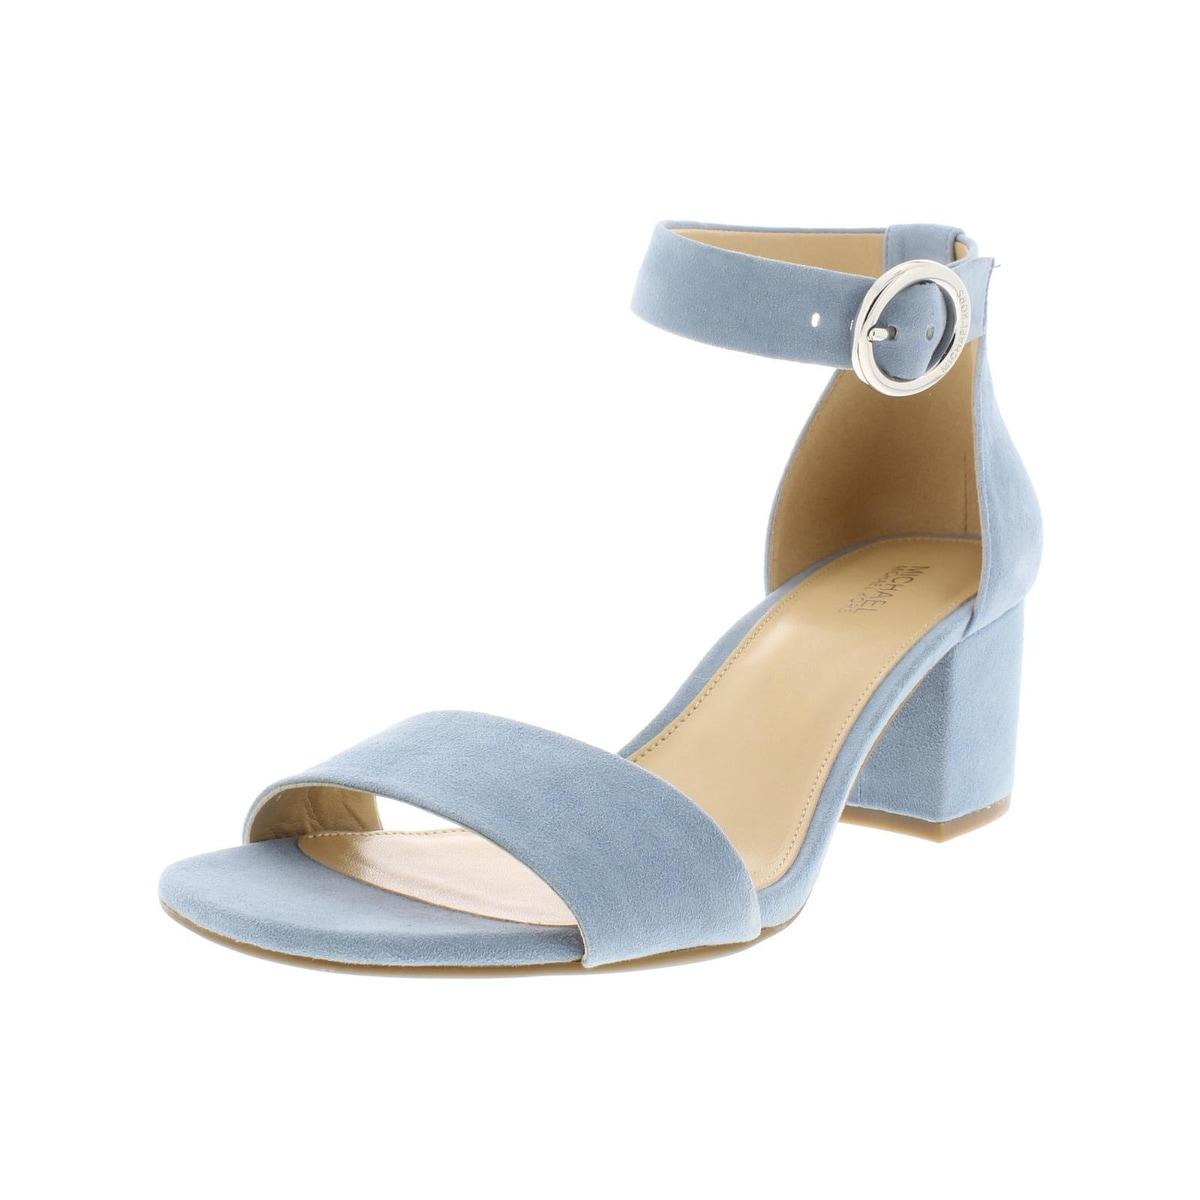 0aaf25c3c9 Buy MICHAEL Michael Kors Women's Sandals Online at Overstock   Our Best  Women's Shoes Deals